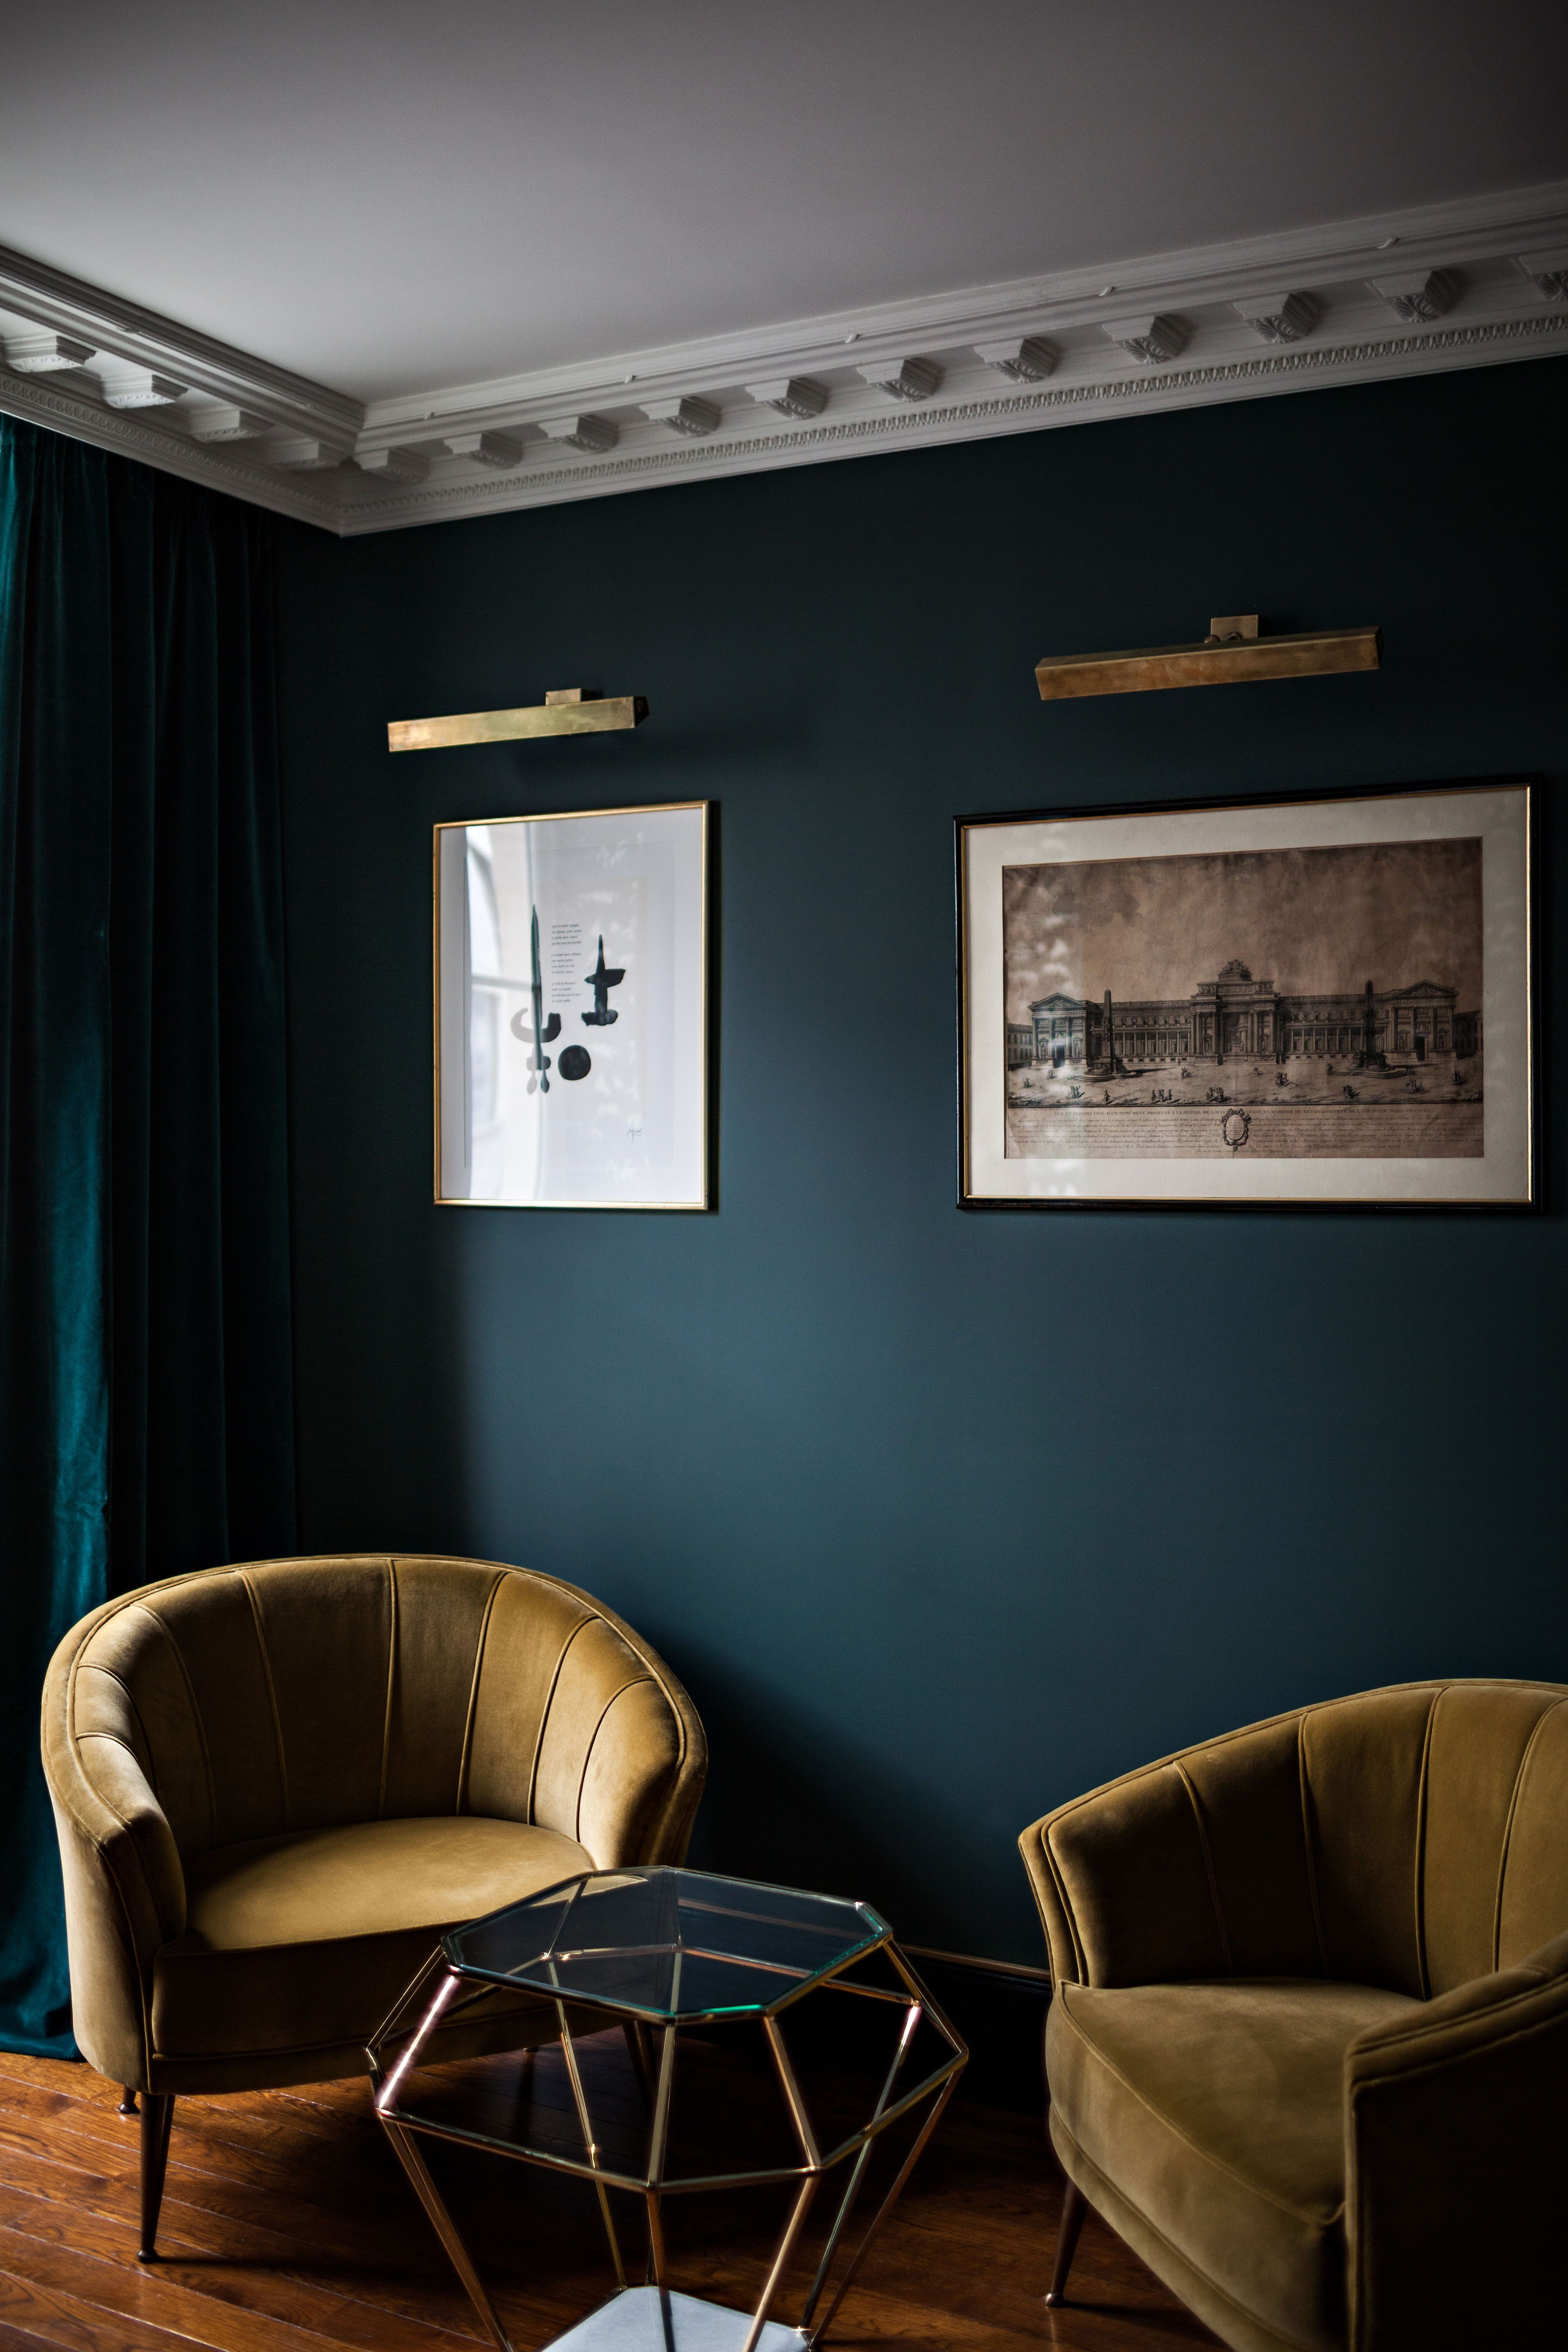 Dunkel Kontrast Im Wohnzimmer Wohnzimmer Pinterest Living